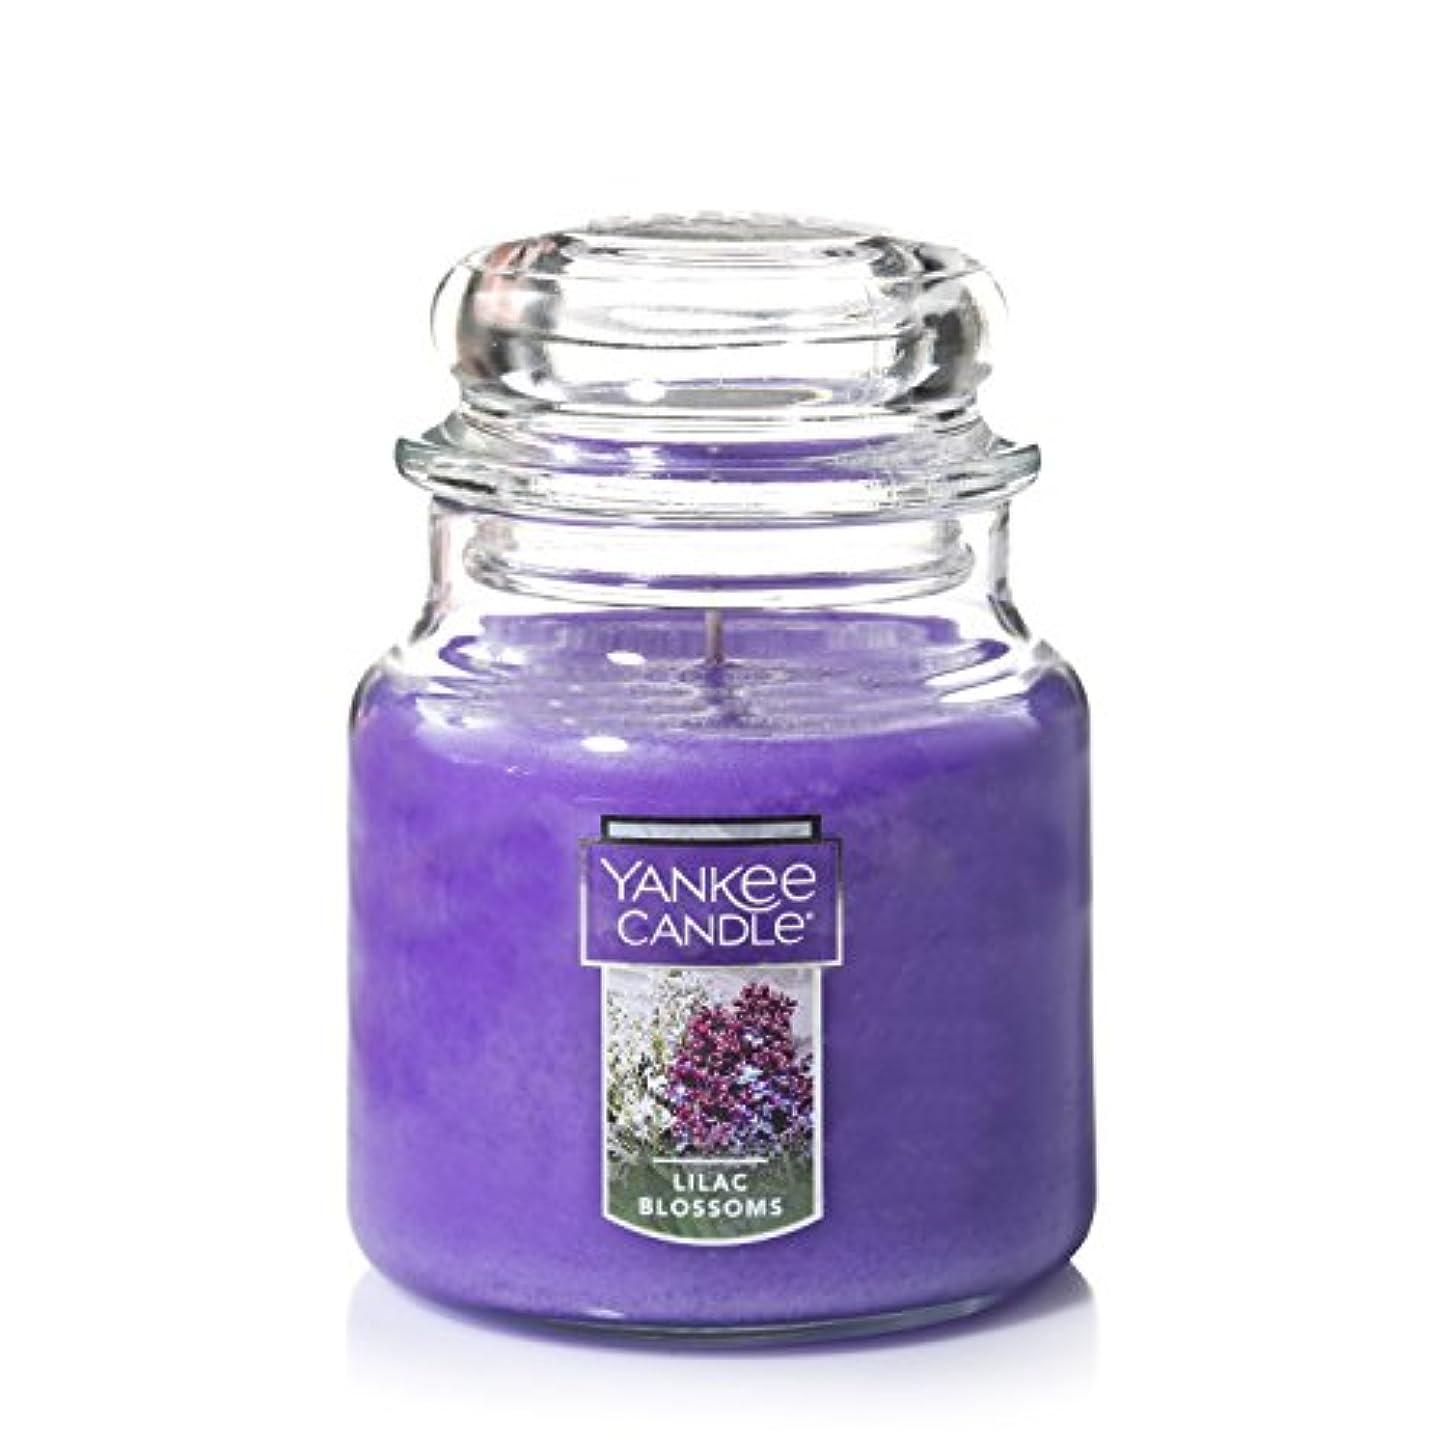 欠乏ライナー救急車Yankee CandleライラックBlossoms Medium Jar 14.5oz Candle One パープル 1006996